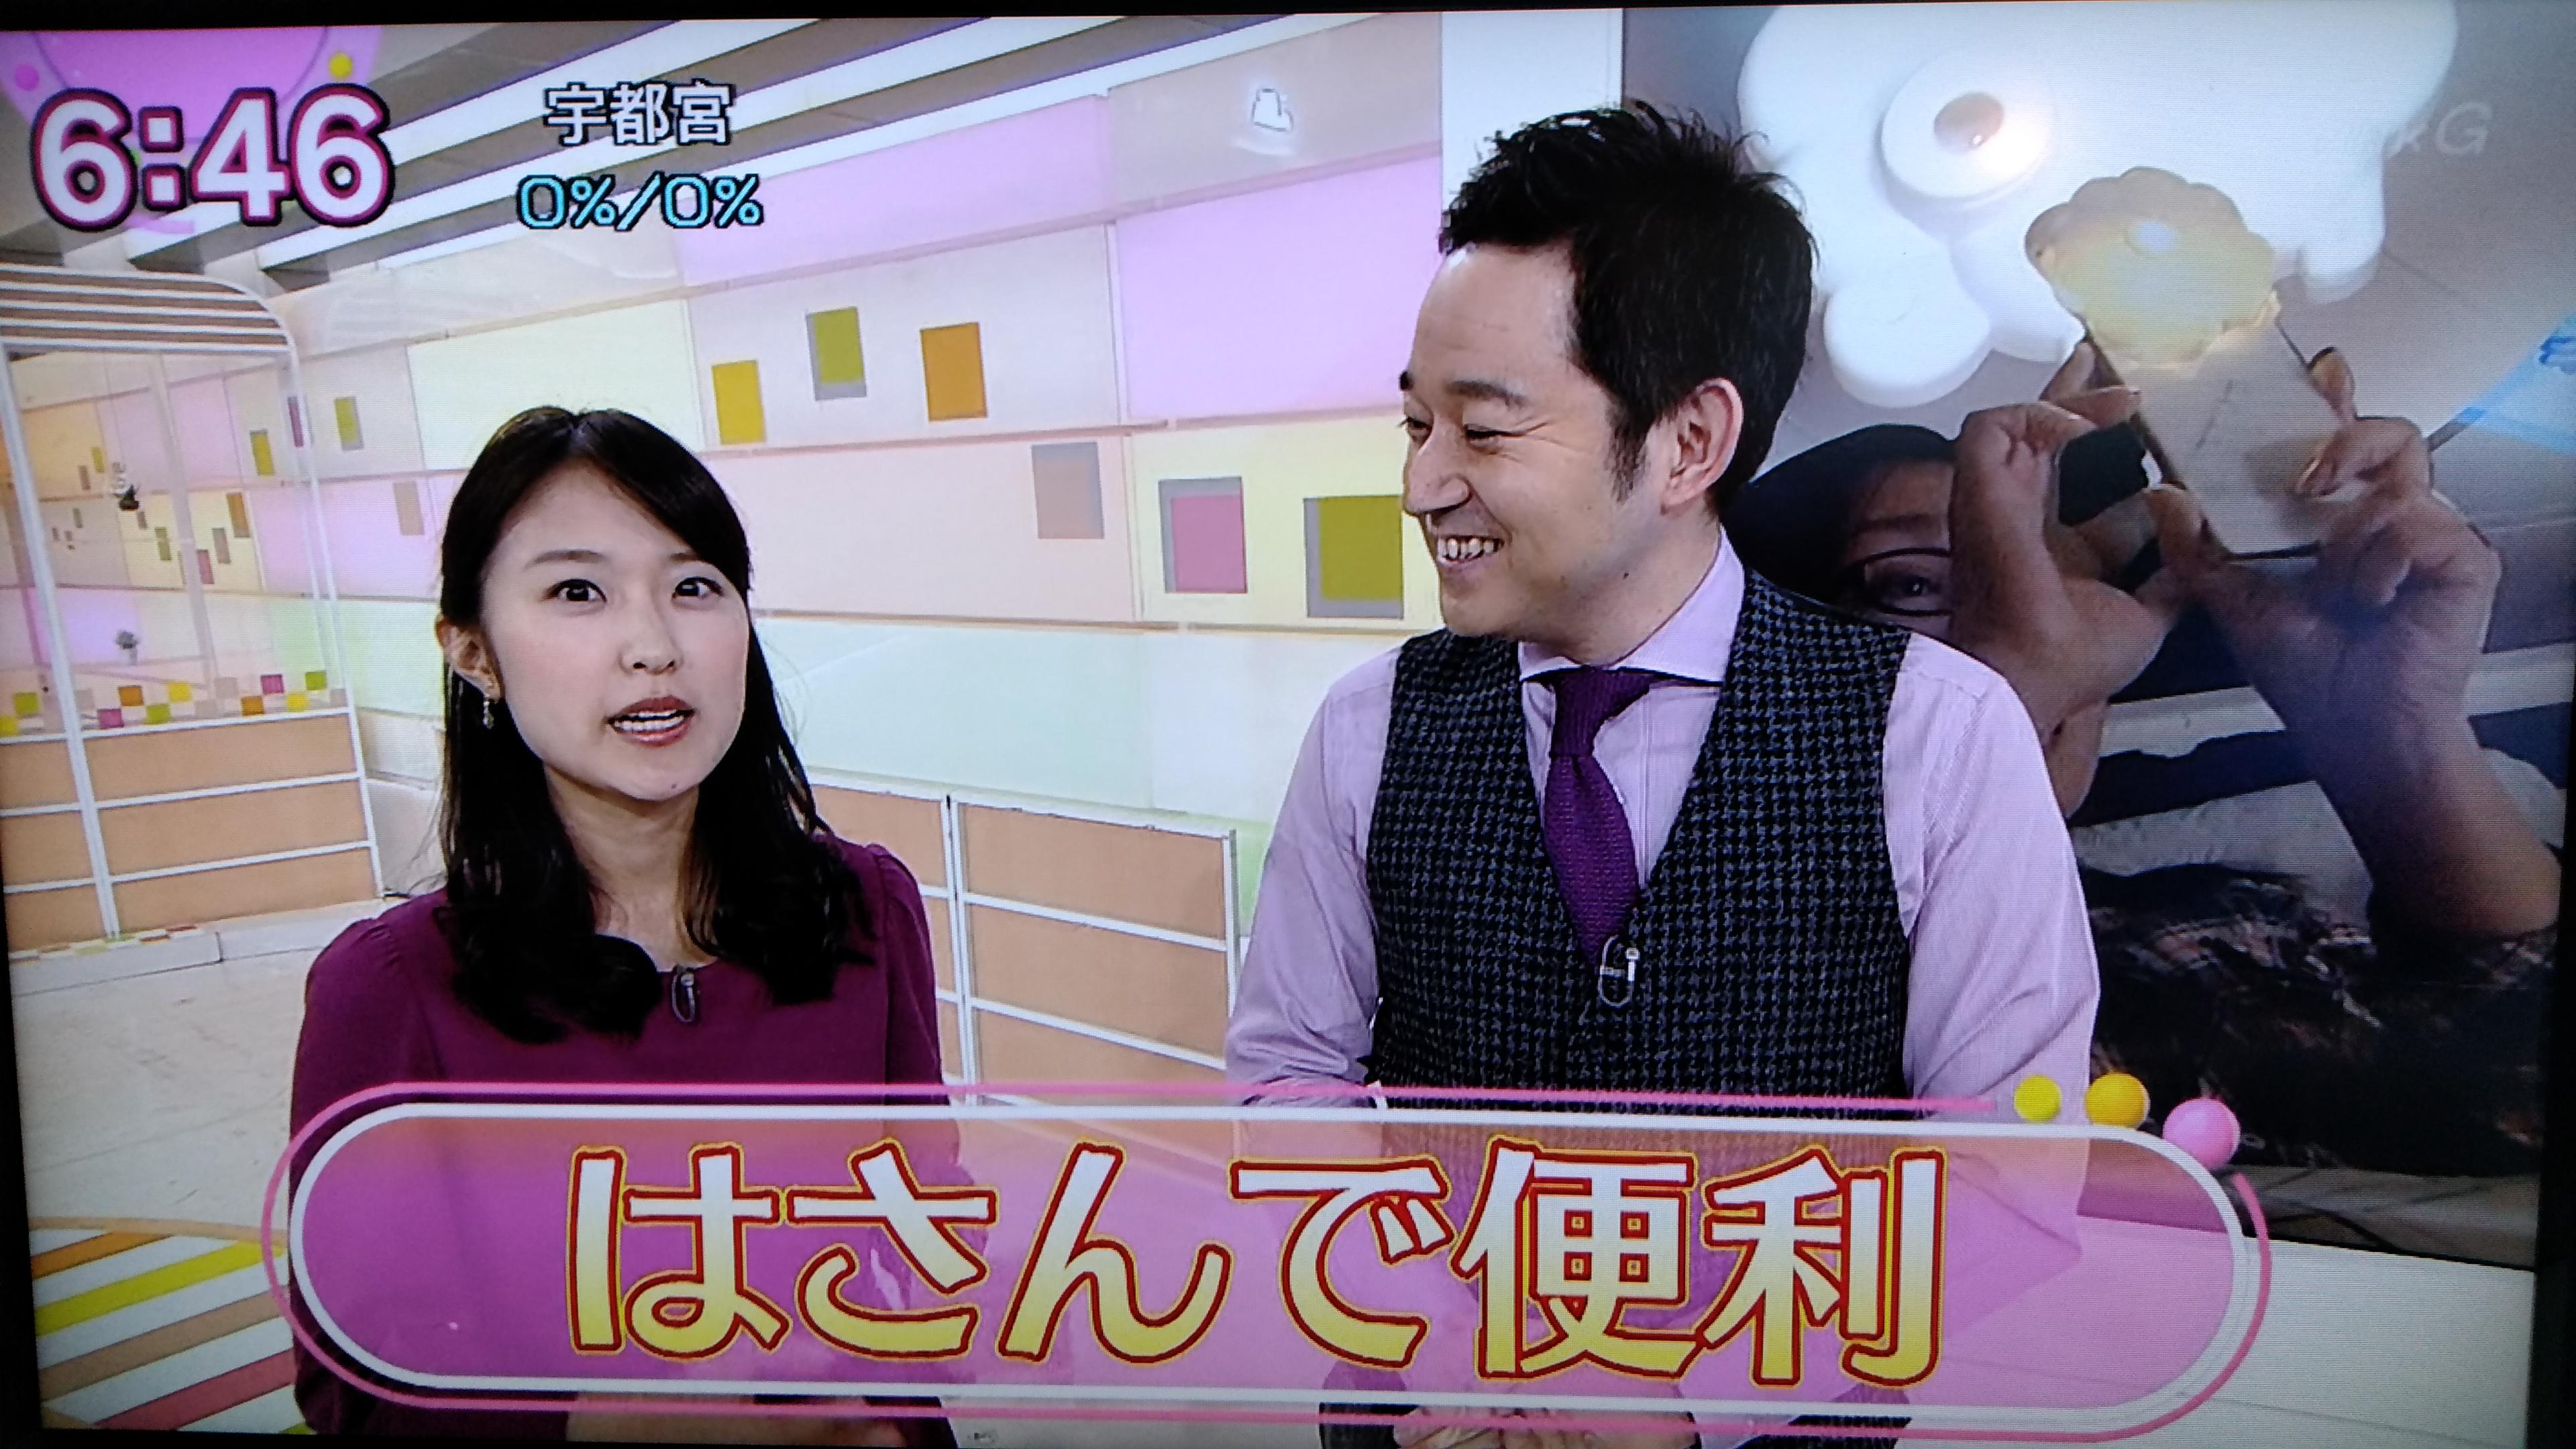 おはよう日本まちかど情報室のはさんで便利というテーマで紹介されました!